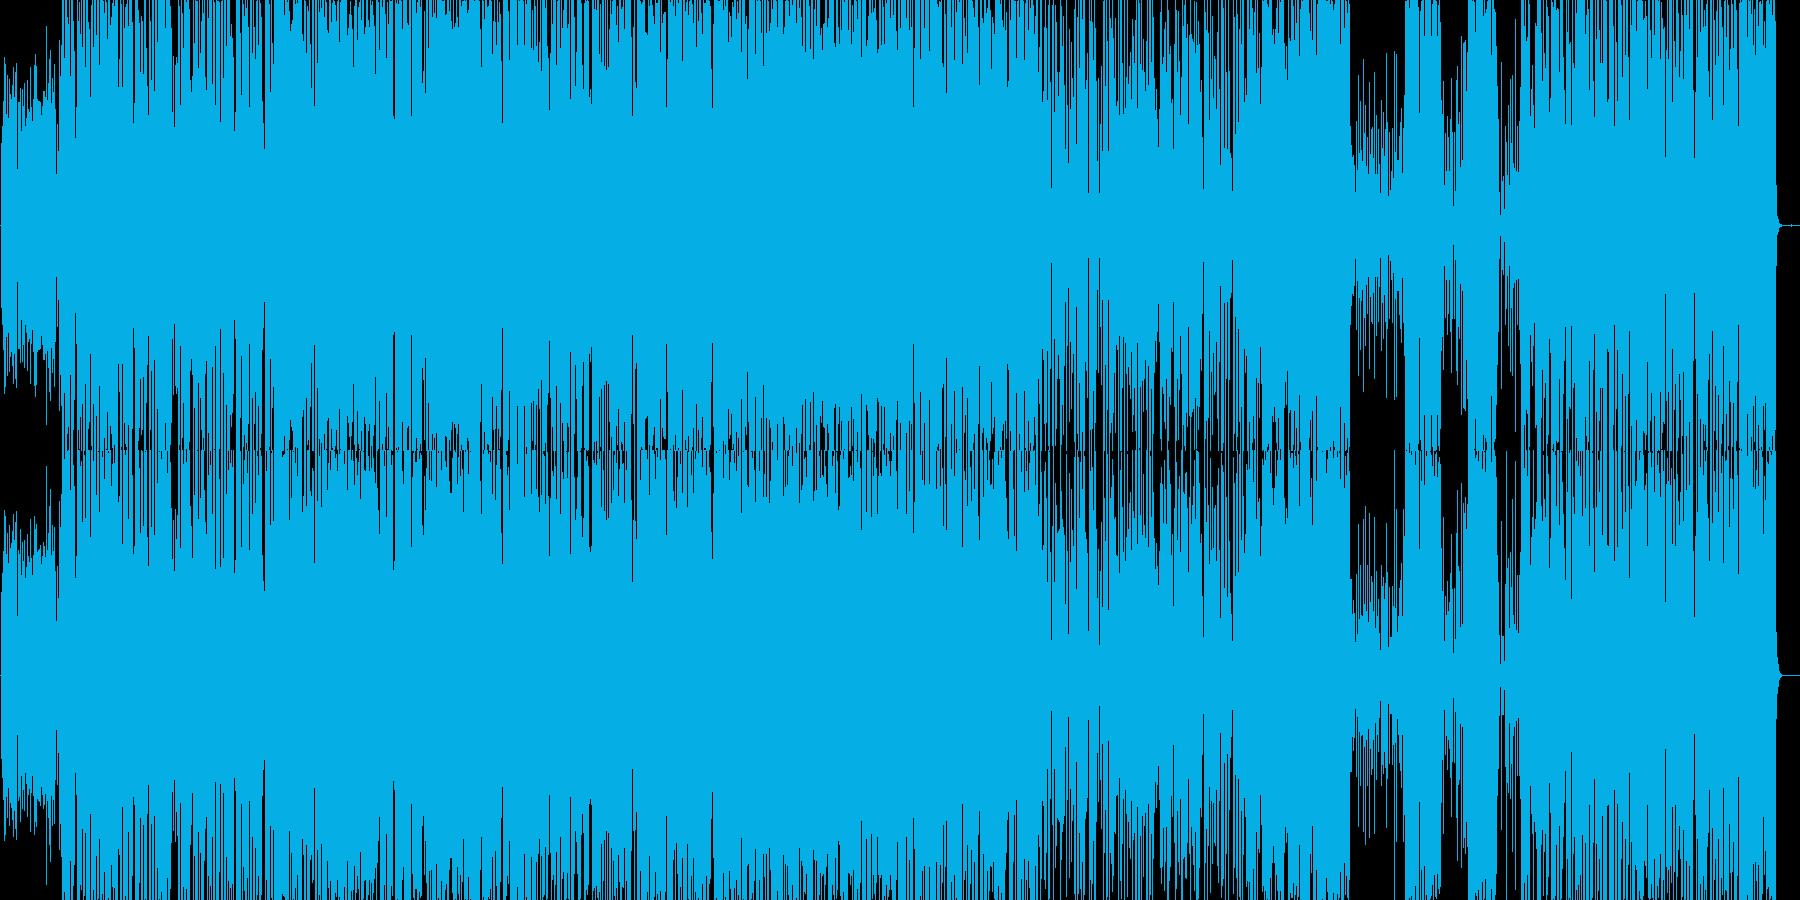 ガーシュウィンの早めジャズピアノトリオの再生済みの波形